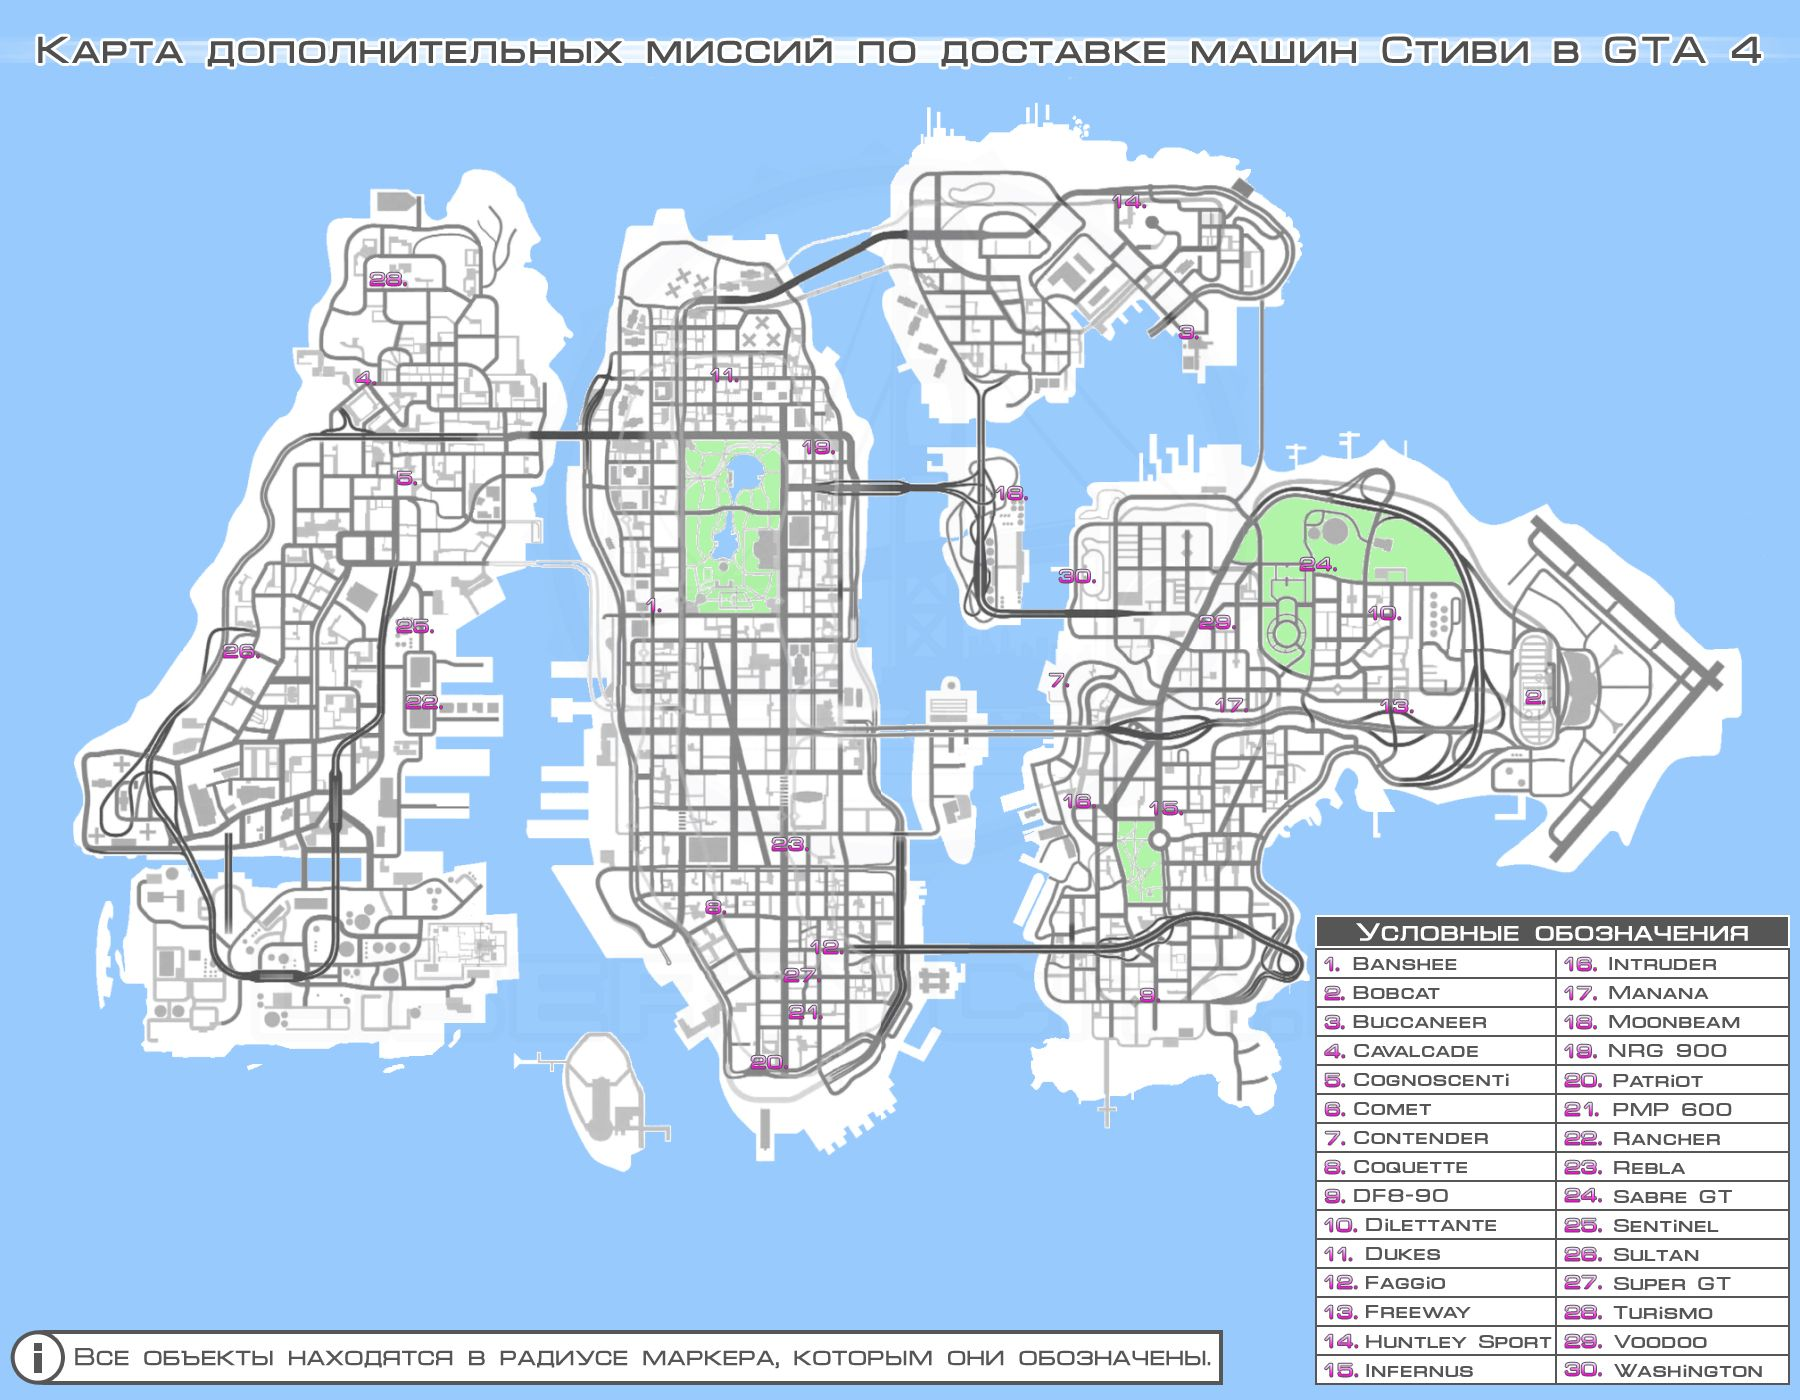 ... для Стиви - Карты - GTA 4 - Архив - Мир GTA